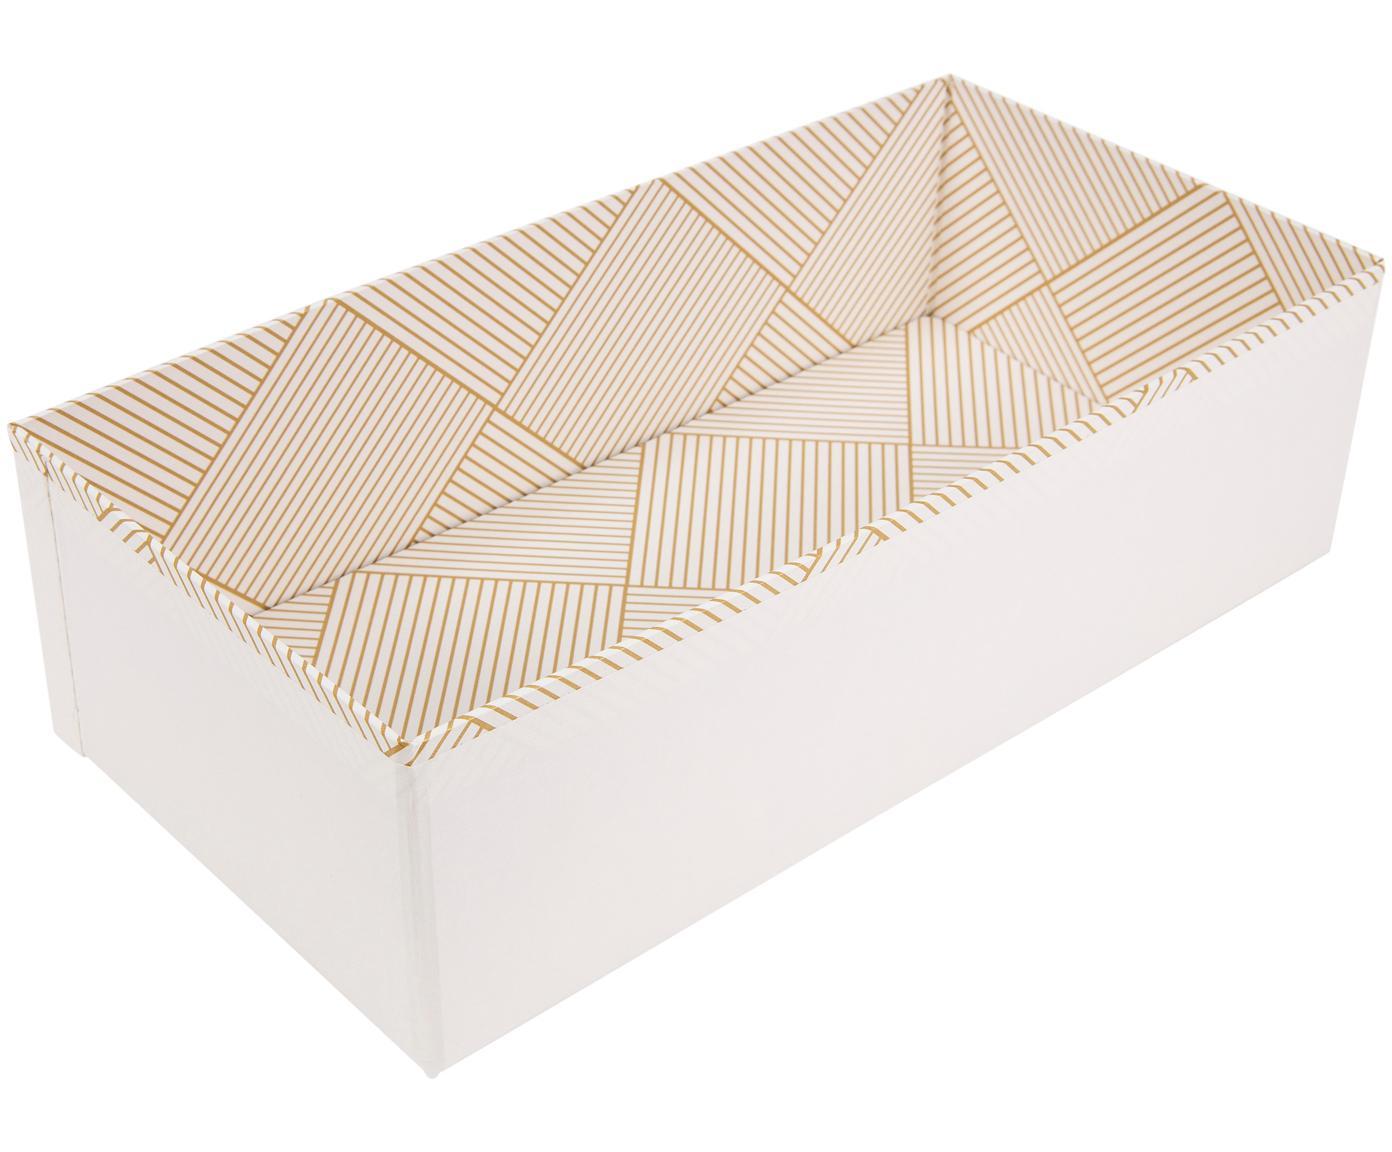 Aufbewahrungskiste Drawer, Fester, laminierter Karton, Goldfarben, Weiss, 36 x 10 cm